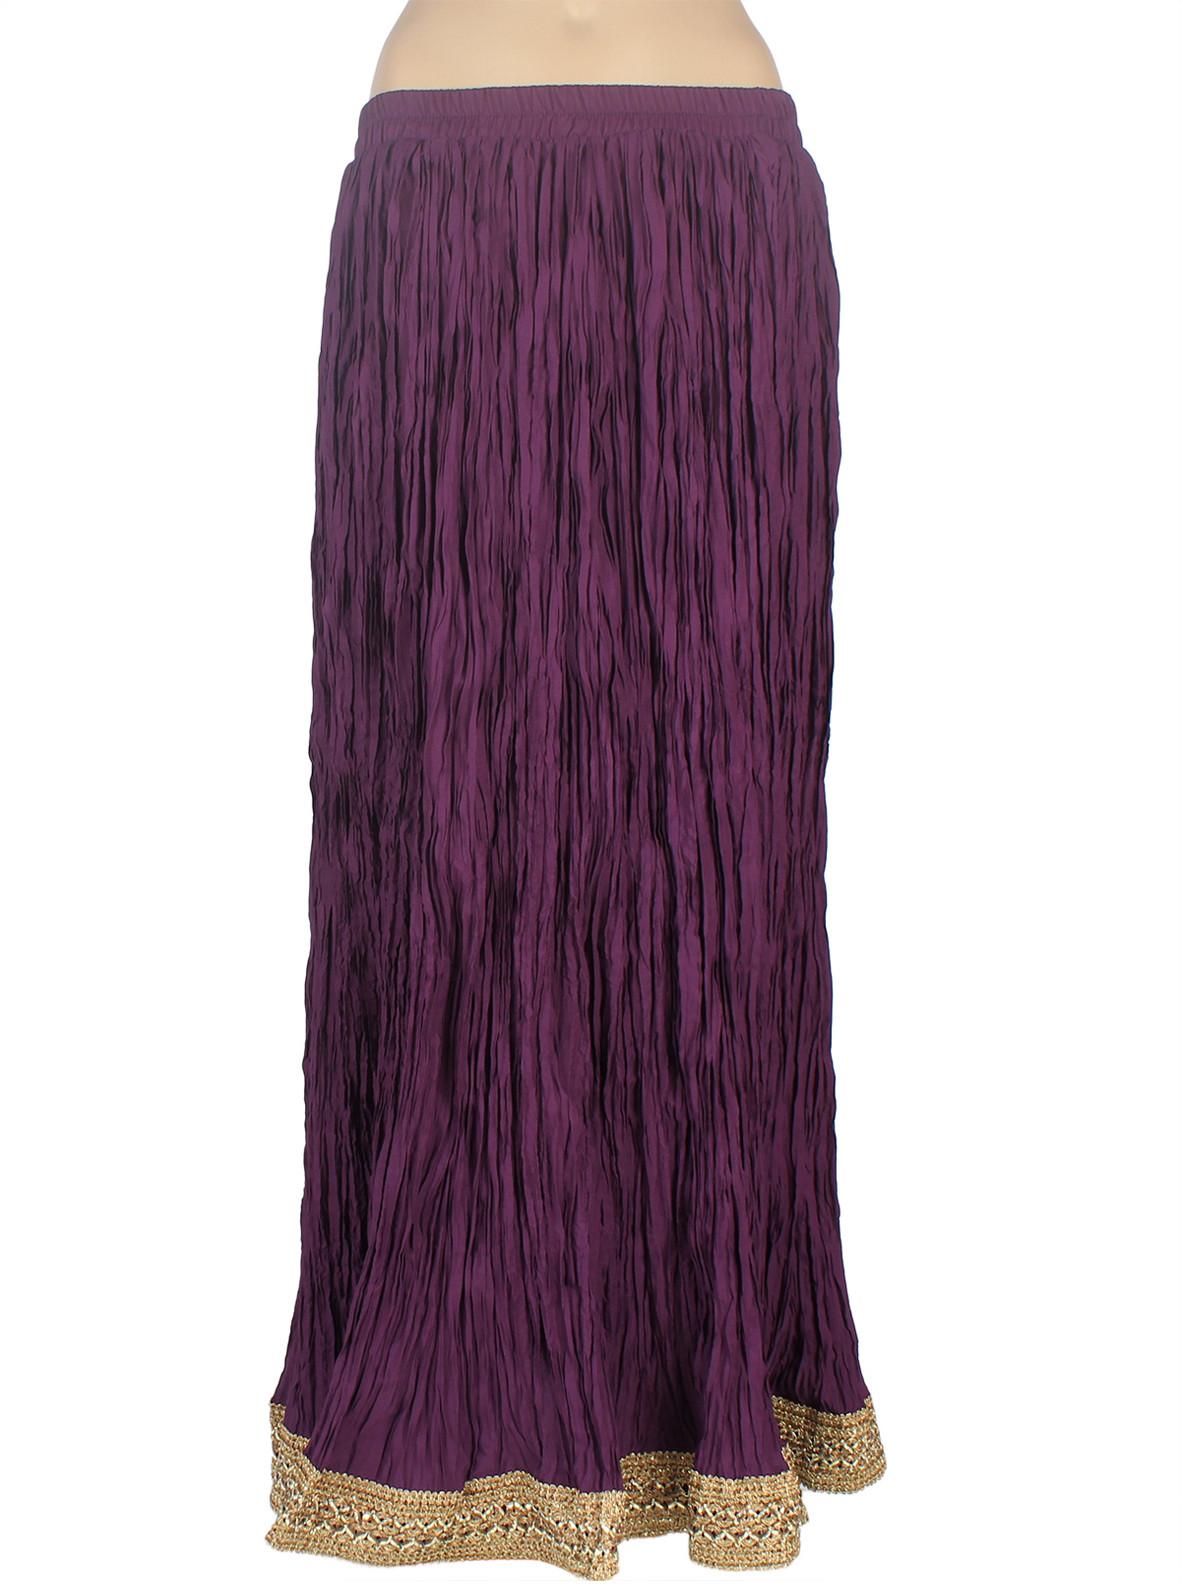 Mina Bazaar Solid Womens A-line Purple Skirt